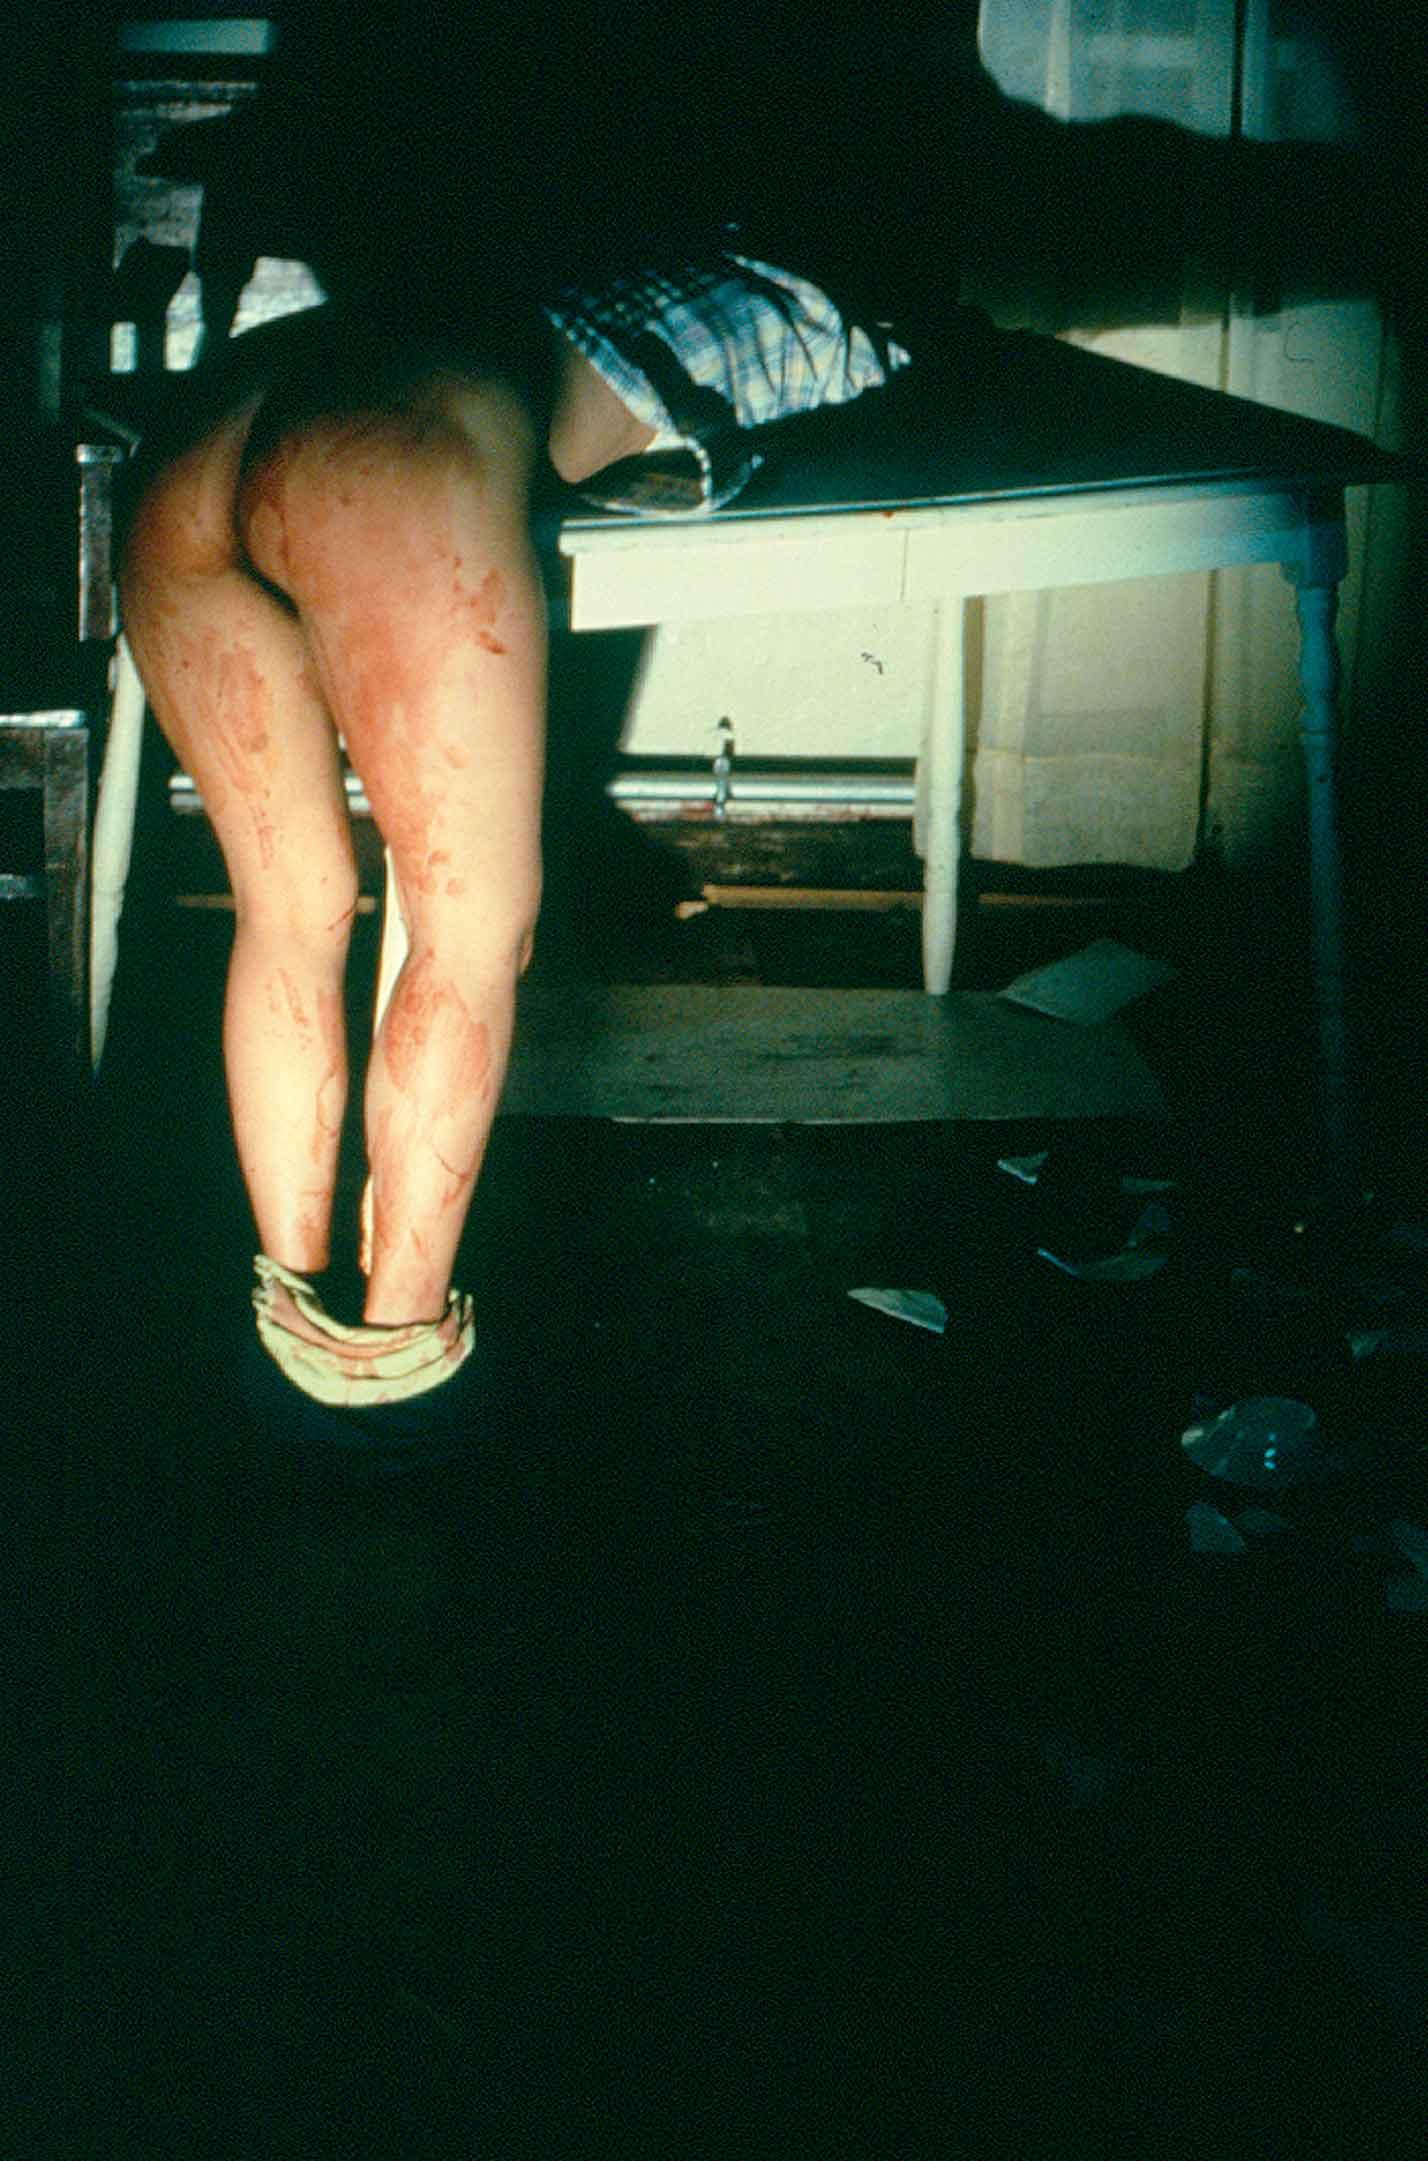 Ana Mendieta (Cuban, 1948–1985), Rape Scene, 1973 (estate print 2001). Conjunto de cinco fotografías a color. 20 × 16 in. (50.8 × 40.6 cm) cada una. Cortesía de The Estate of Ana Mendieta. Colección, LLC, y Galerie Lelong, Nueva York.